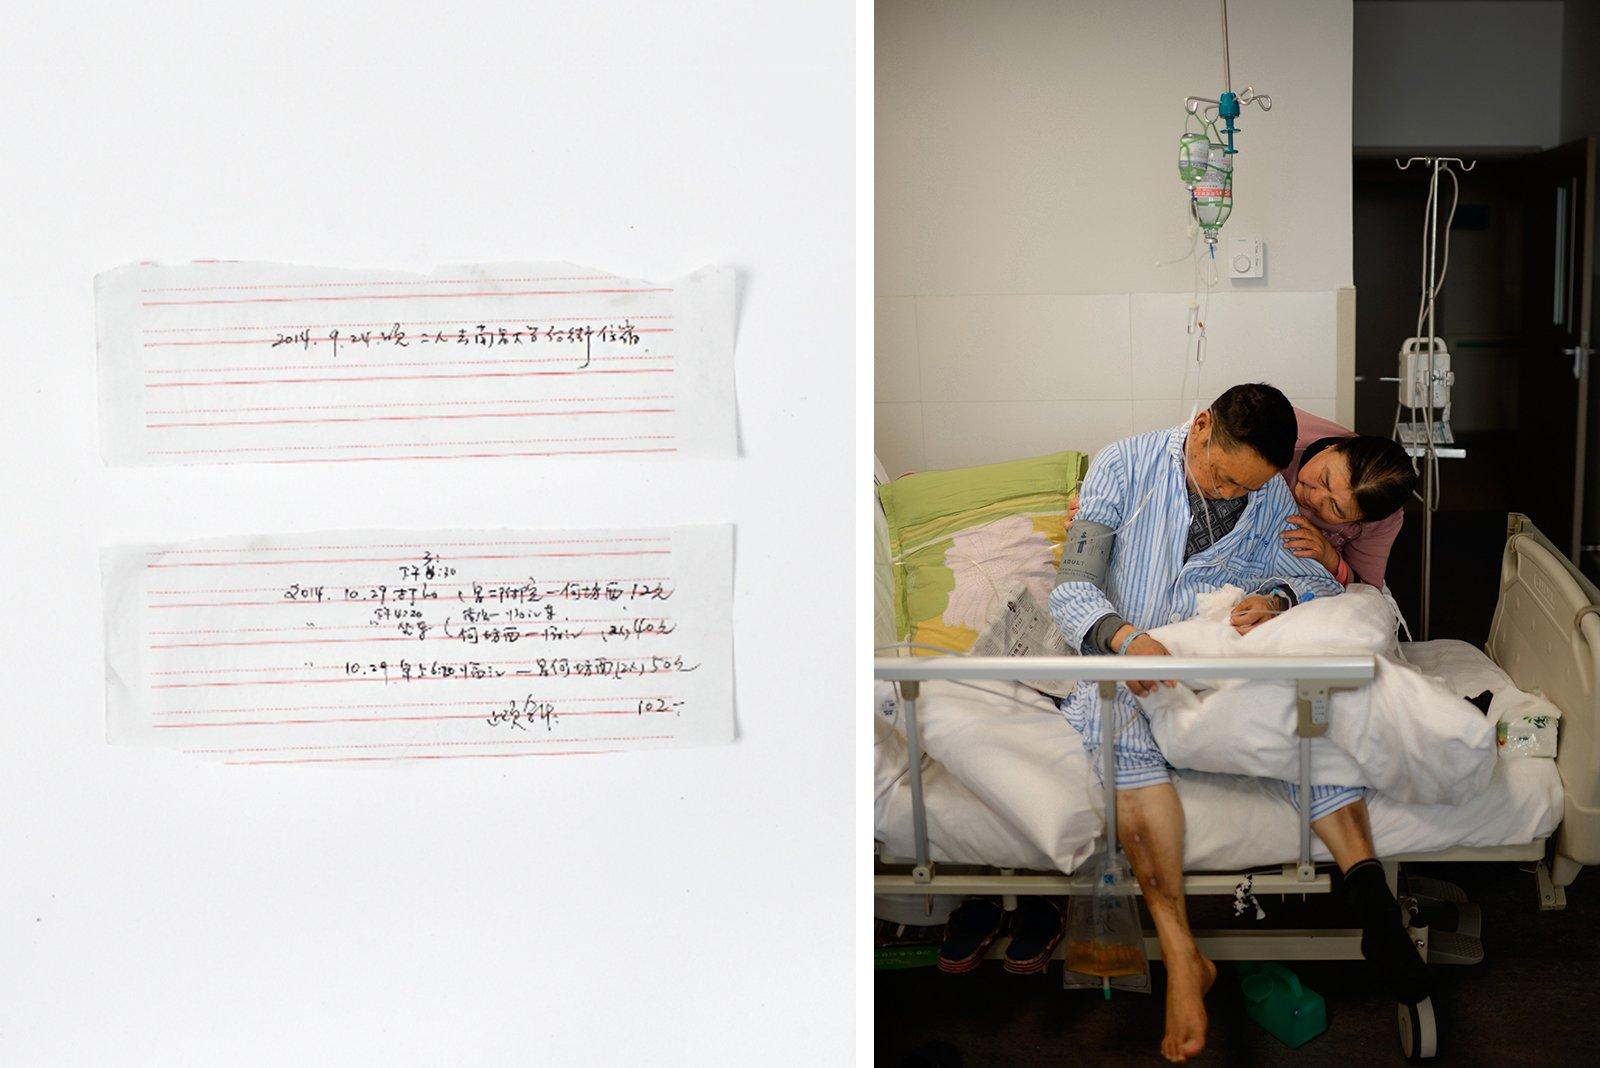 """母亲在省会南昌陪父亲治病时留下的字条(左)。那段时间,母亲陪父亲辗转各大医院,四次签下病危通知书。除了癌症,父亲还患有肝硬化、糖尿病。他在放疗期间又犯了一次肝昏迷,这是他刚被抢救过来后进行输液调理(右)。母亲一直在旁边喊他,可他听不见。每天,母亲守护在病床前,一日三餐、取药、守夜、清理大小便......临终前,父亲流了泪,""""跟你母亲发了很多脾气,让她受了很多委屈,这辈子最对不起的人,就是你母亲。她是个好女人""""。"""